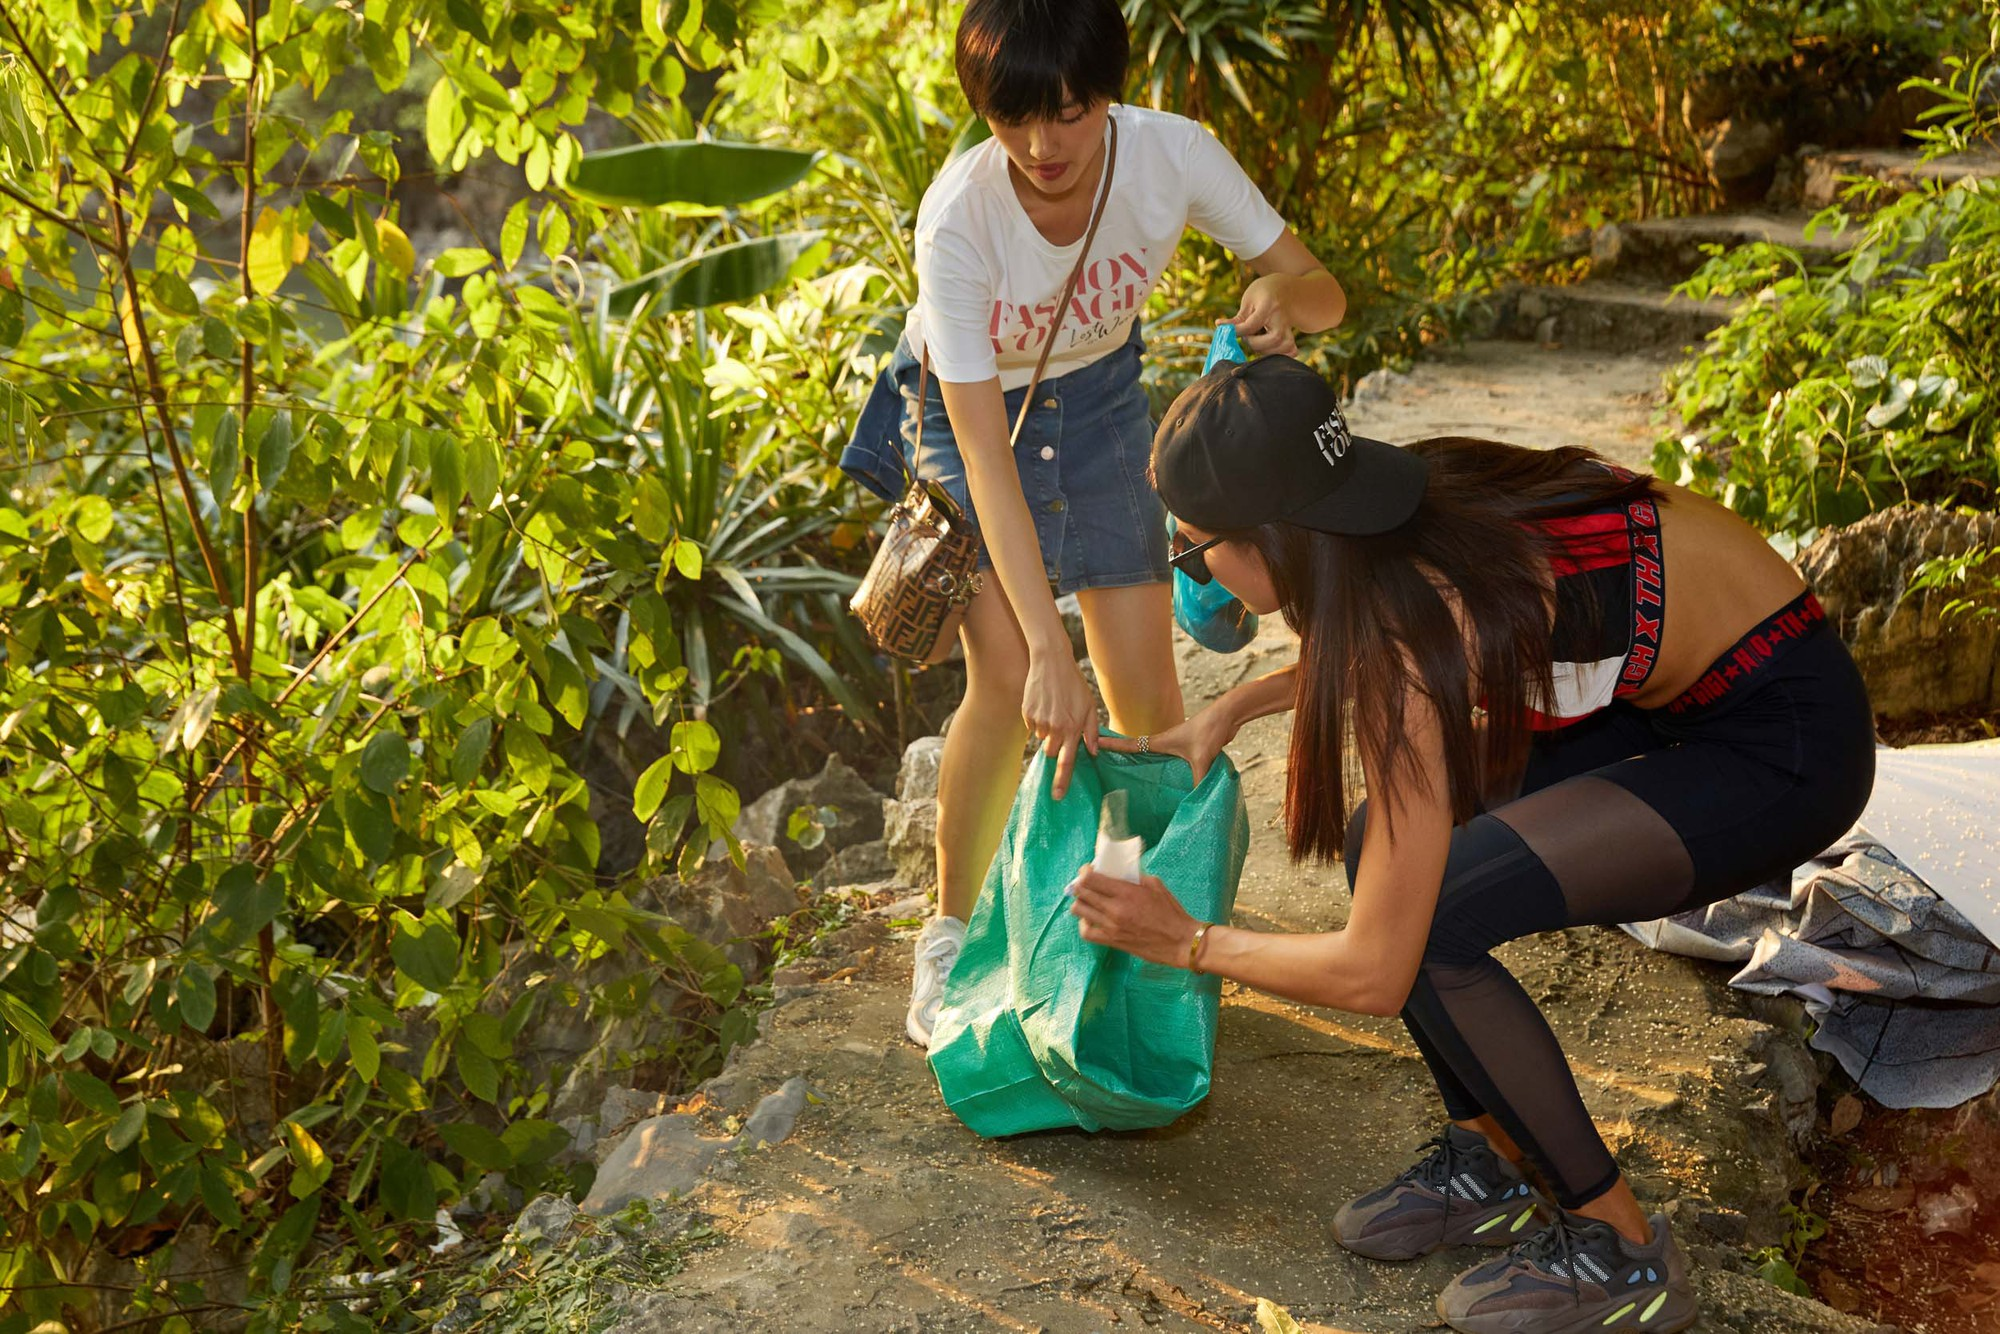 Minh Tú, Hoàng Thùy và dàn mỹ nhân Vbiz chung tay thu gom rác trên đảo hoang ở Vịnh Hạ Long - Ảnh 3.